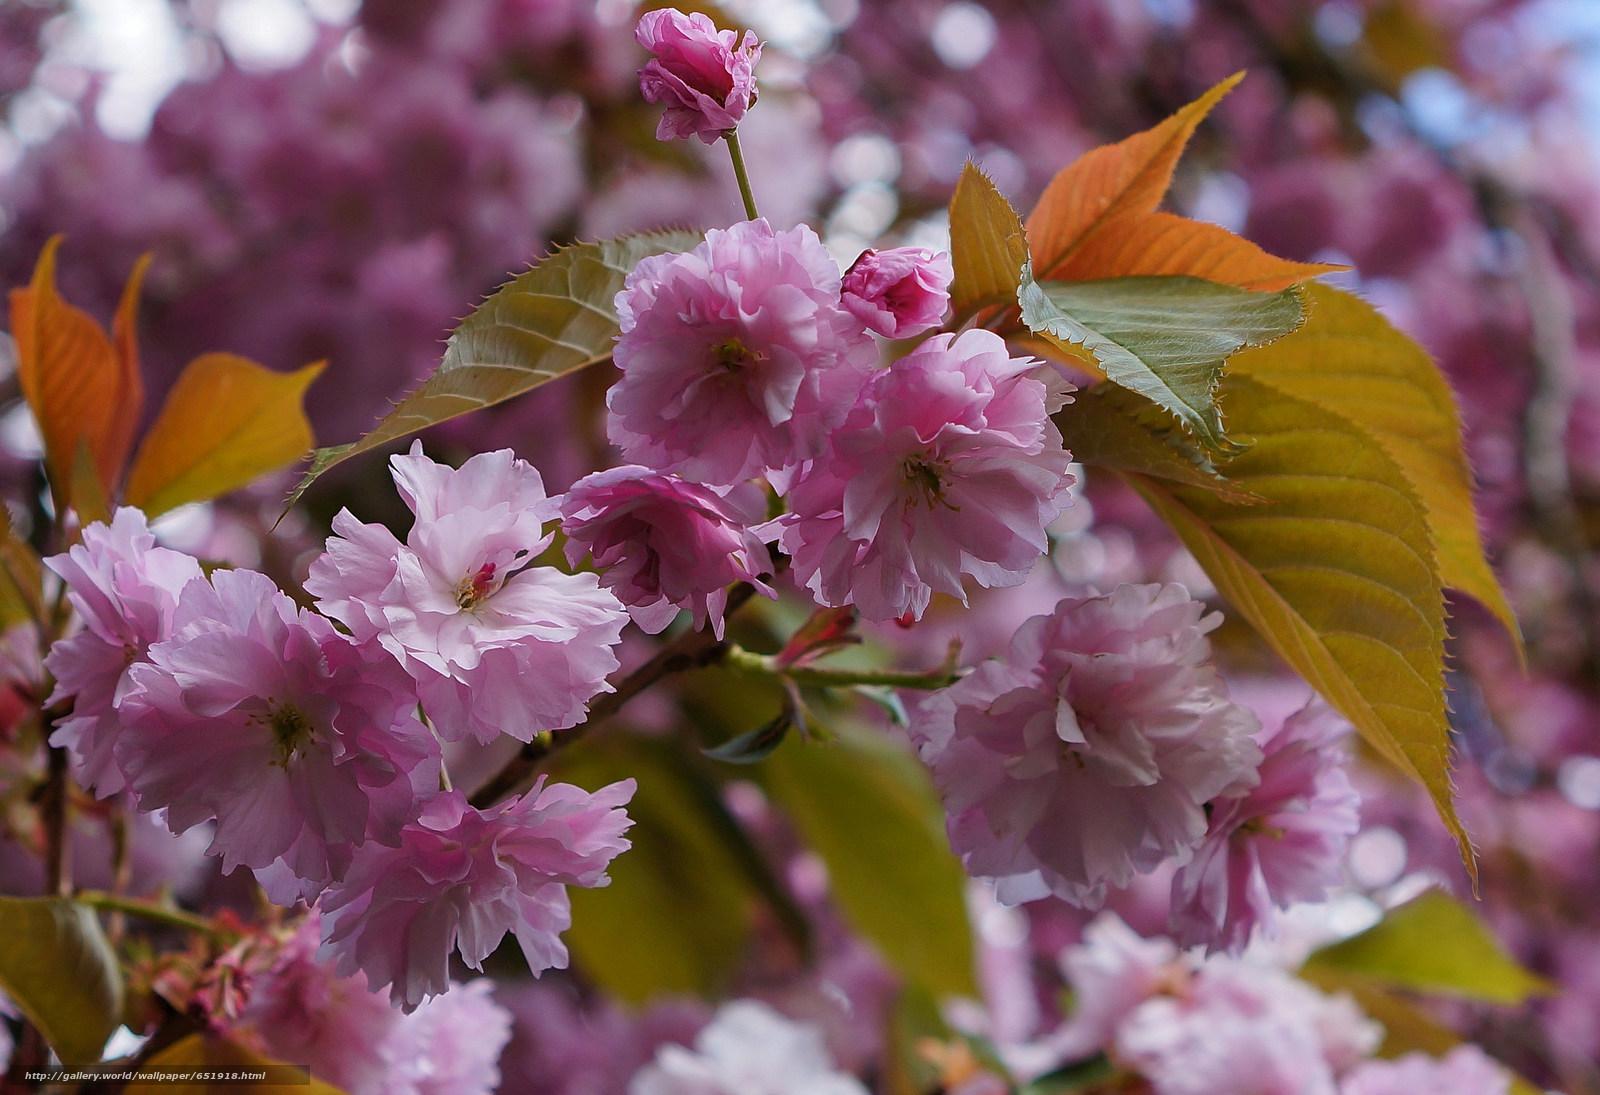 Скачать обои Cherry Blossoms,  ветка,  цветы,  флора бесплатно для рабочего стола в разрешении 2048x1402 — картинка №651918